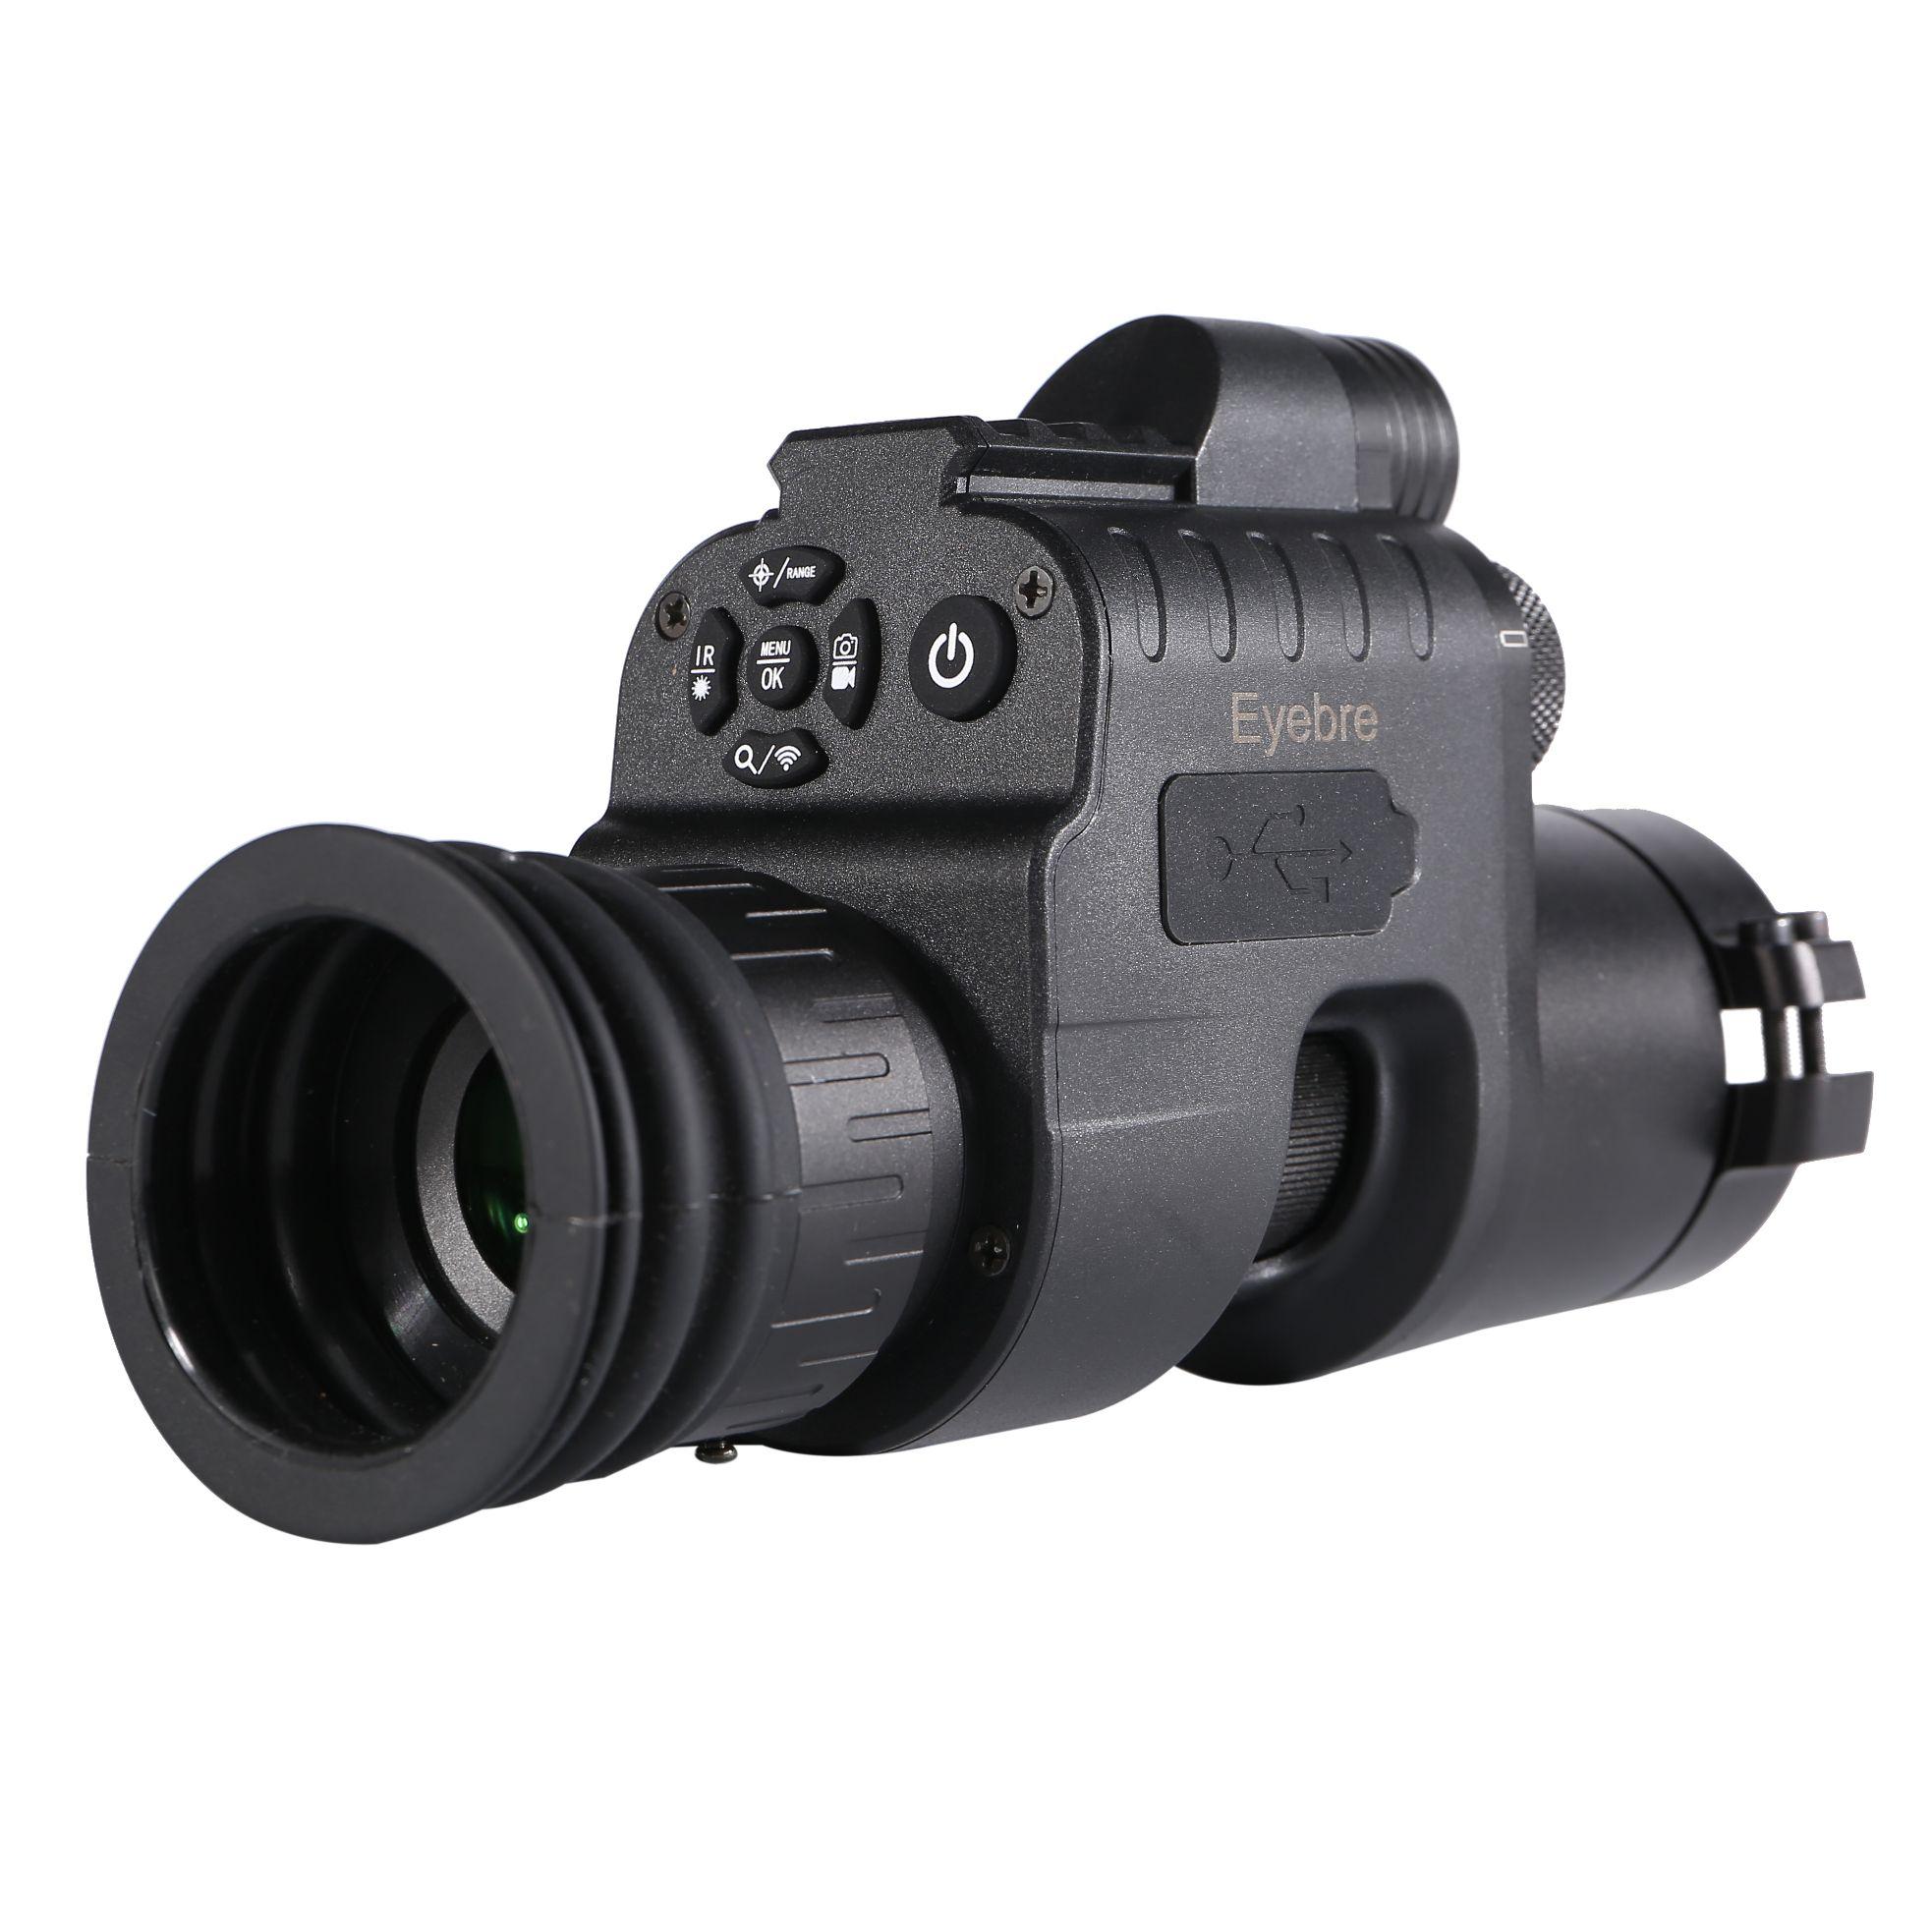 Eyebre高清高倍单筒数码夜视仪拍照录像日夜两用红外线观察仪